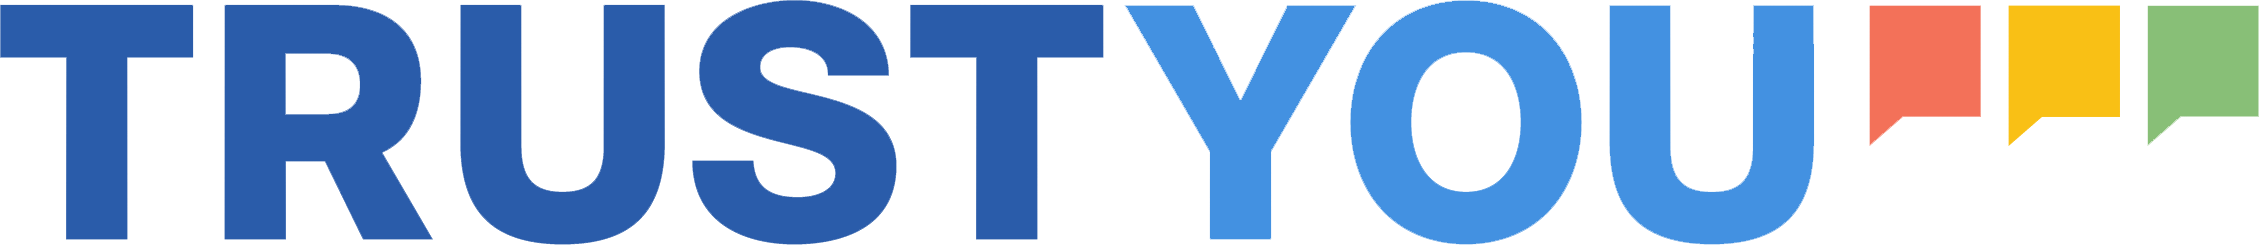 TrustYou – nástroj pro hotelový business, ukázka sloganu a textu na web stránky